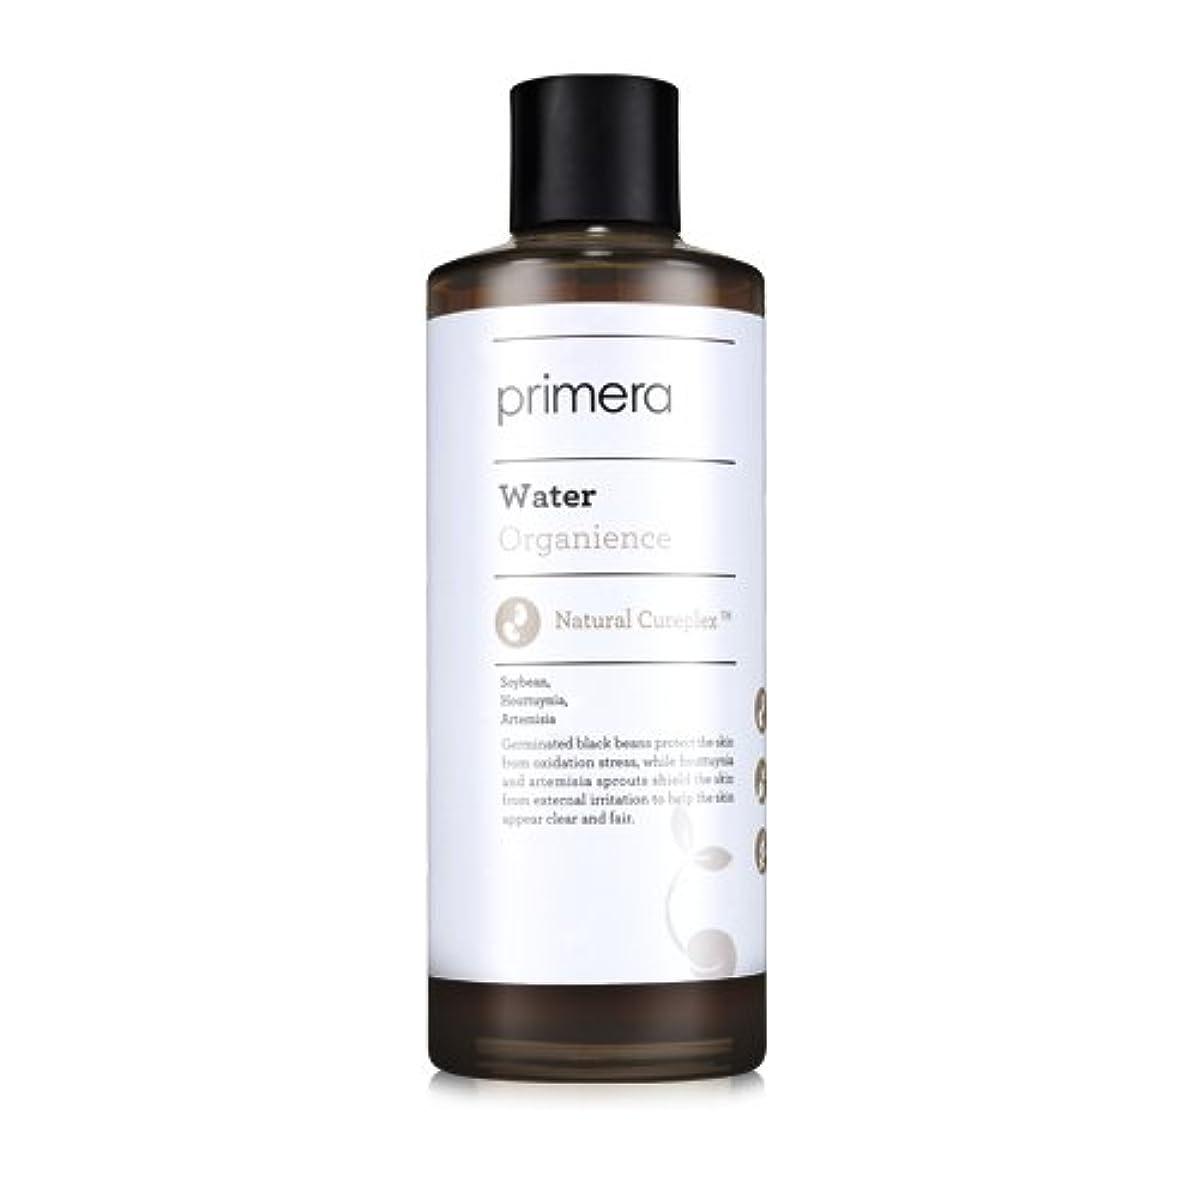 経営者契約した好奇心PRIMERA プリメラ オーガニエンス ウォーター(Organience Water)化粧水 180ml